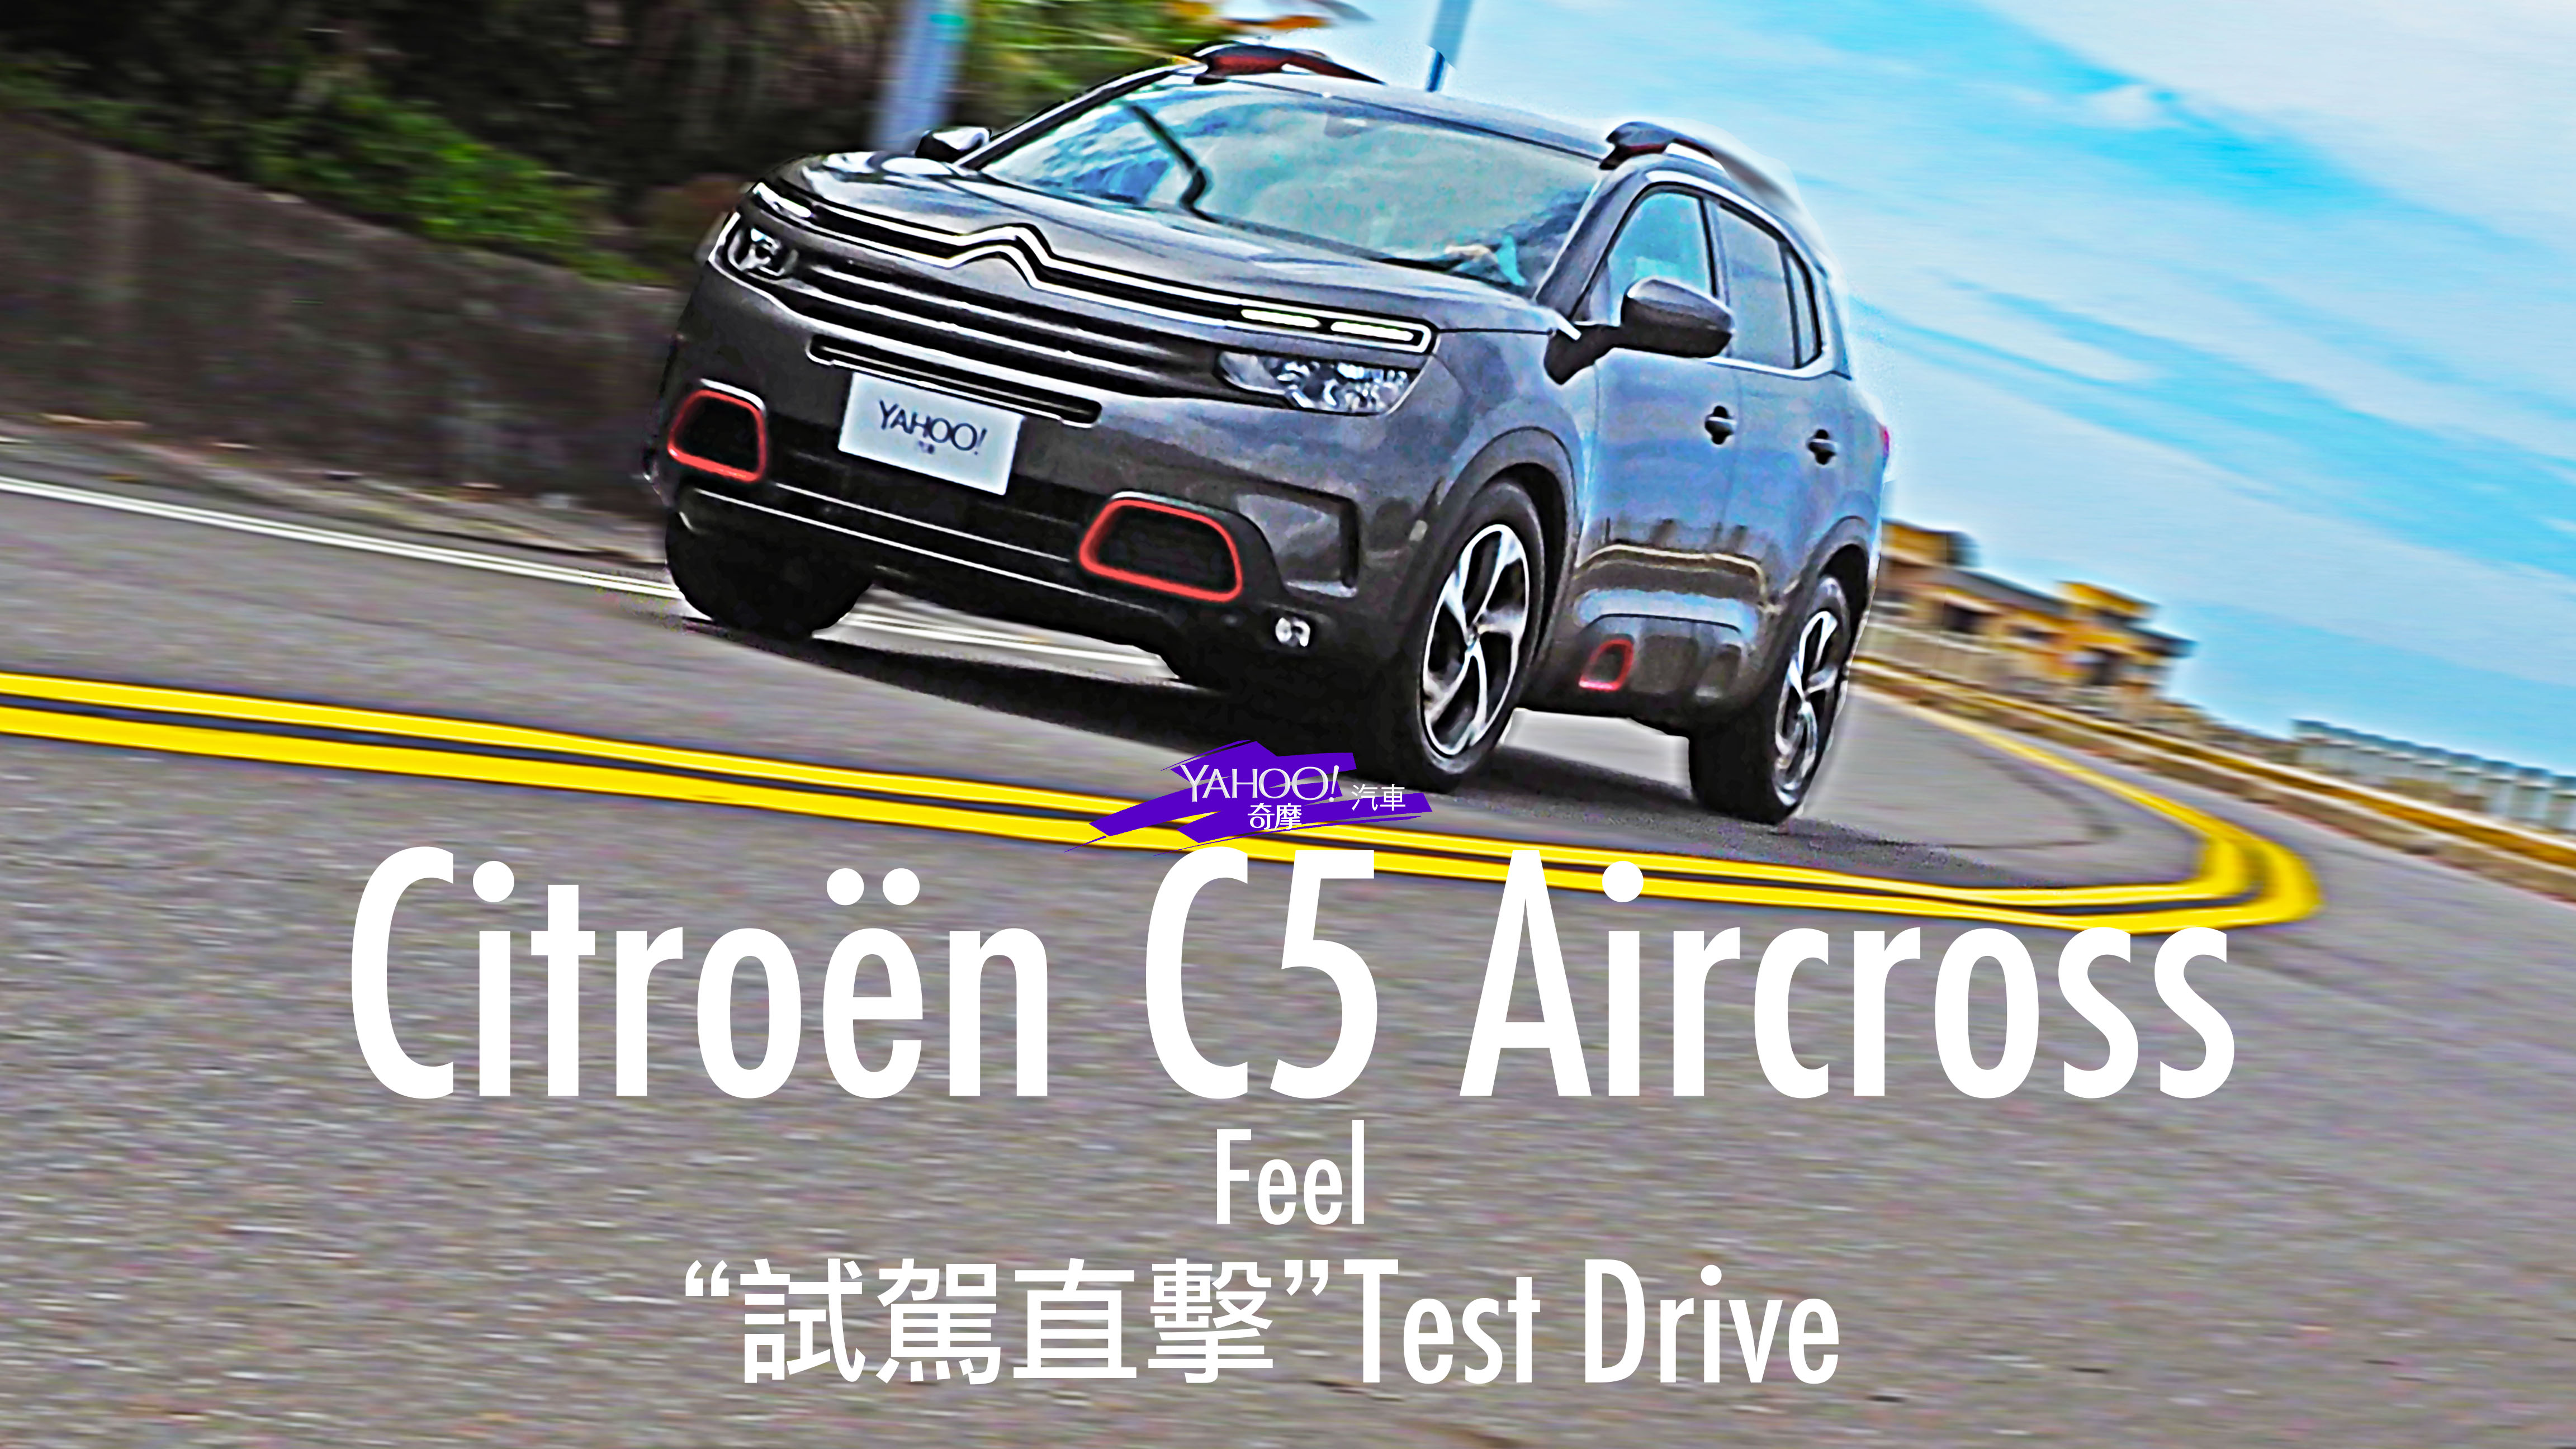 【試駕直擊】法蘭西視角開創全新舒適格局!Citroën C5 Aircross北海岸試駕